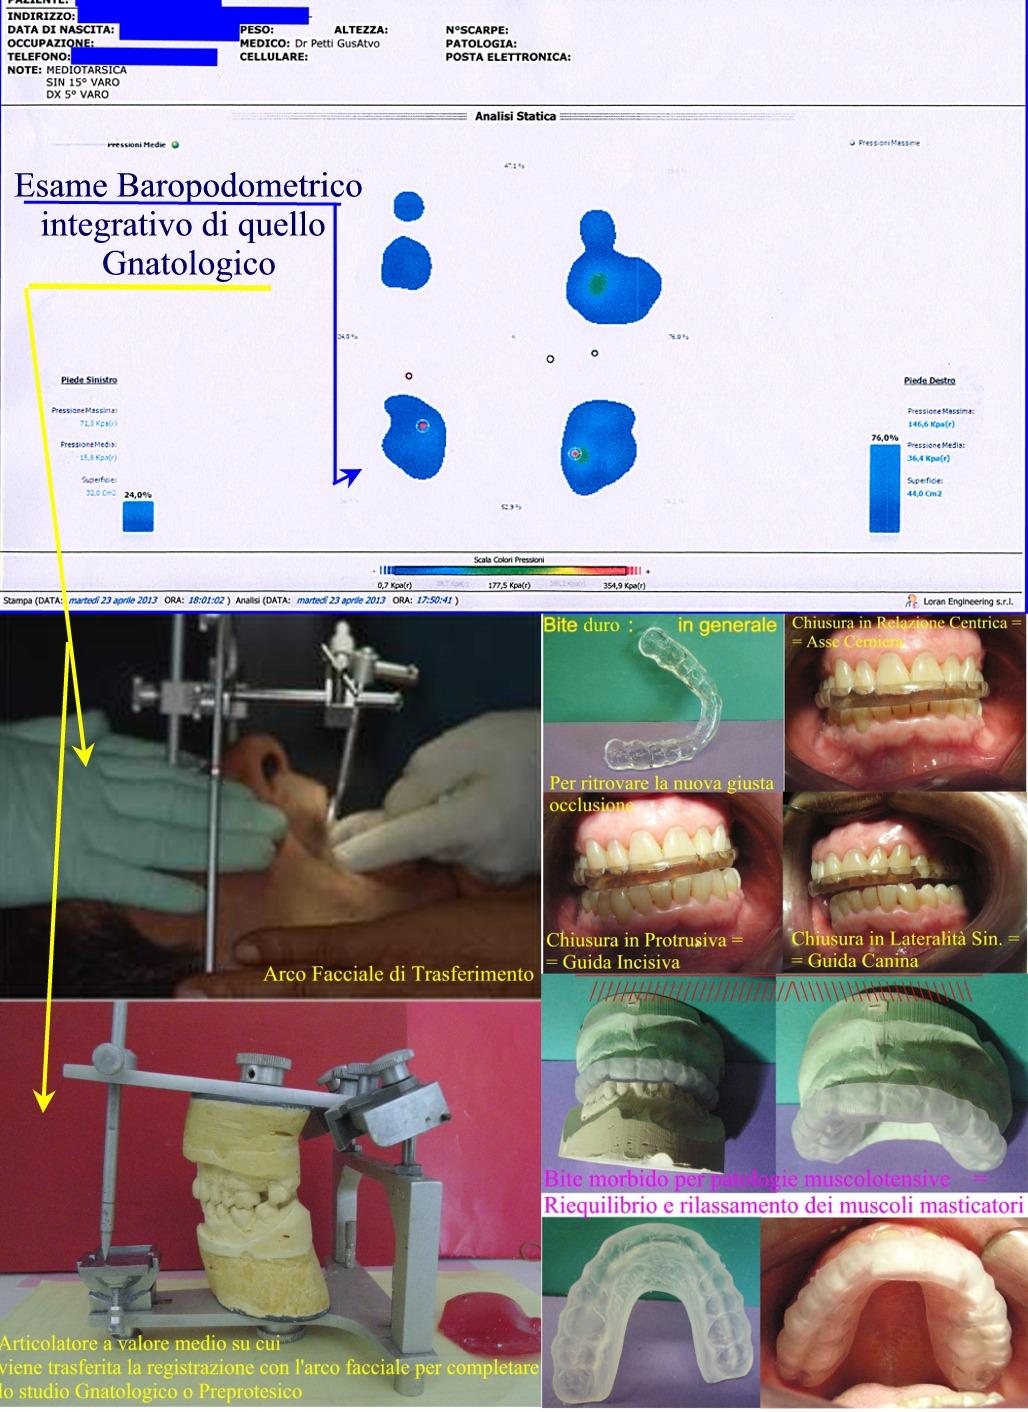 Poster dimostrativo di una analisi podometrica statica, di un arco facciale con articolatore a valore medio e di diversi tipi di bite in uno studio Gnatologico. Da Dr. Gustavo Petti Parodontologo Gnatologo di Cagliari